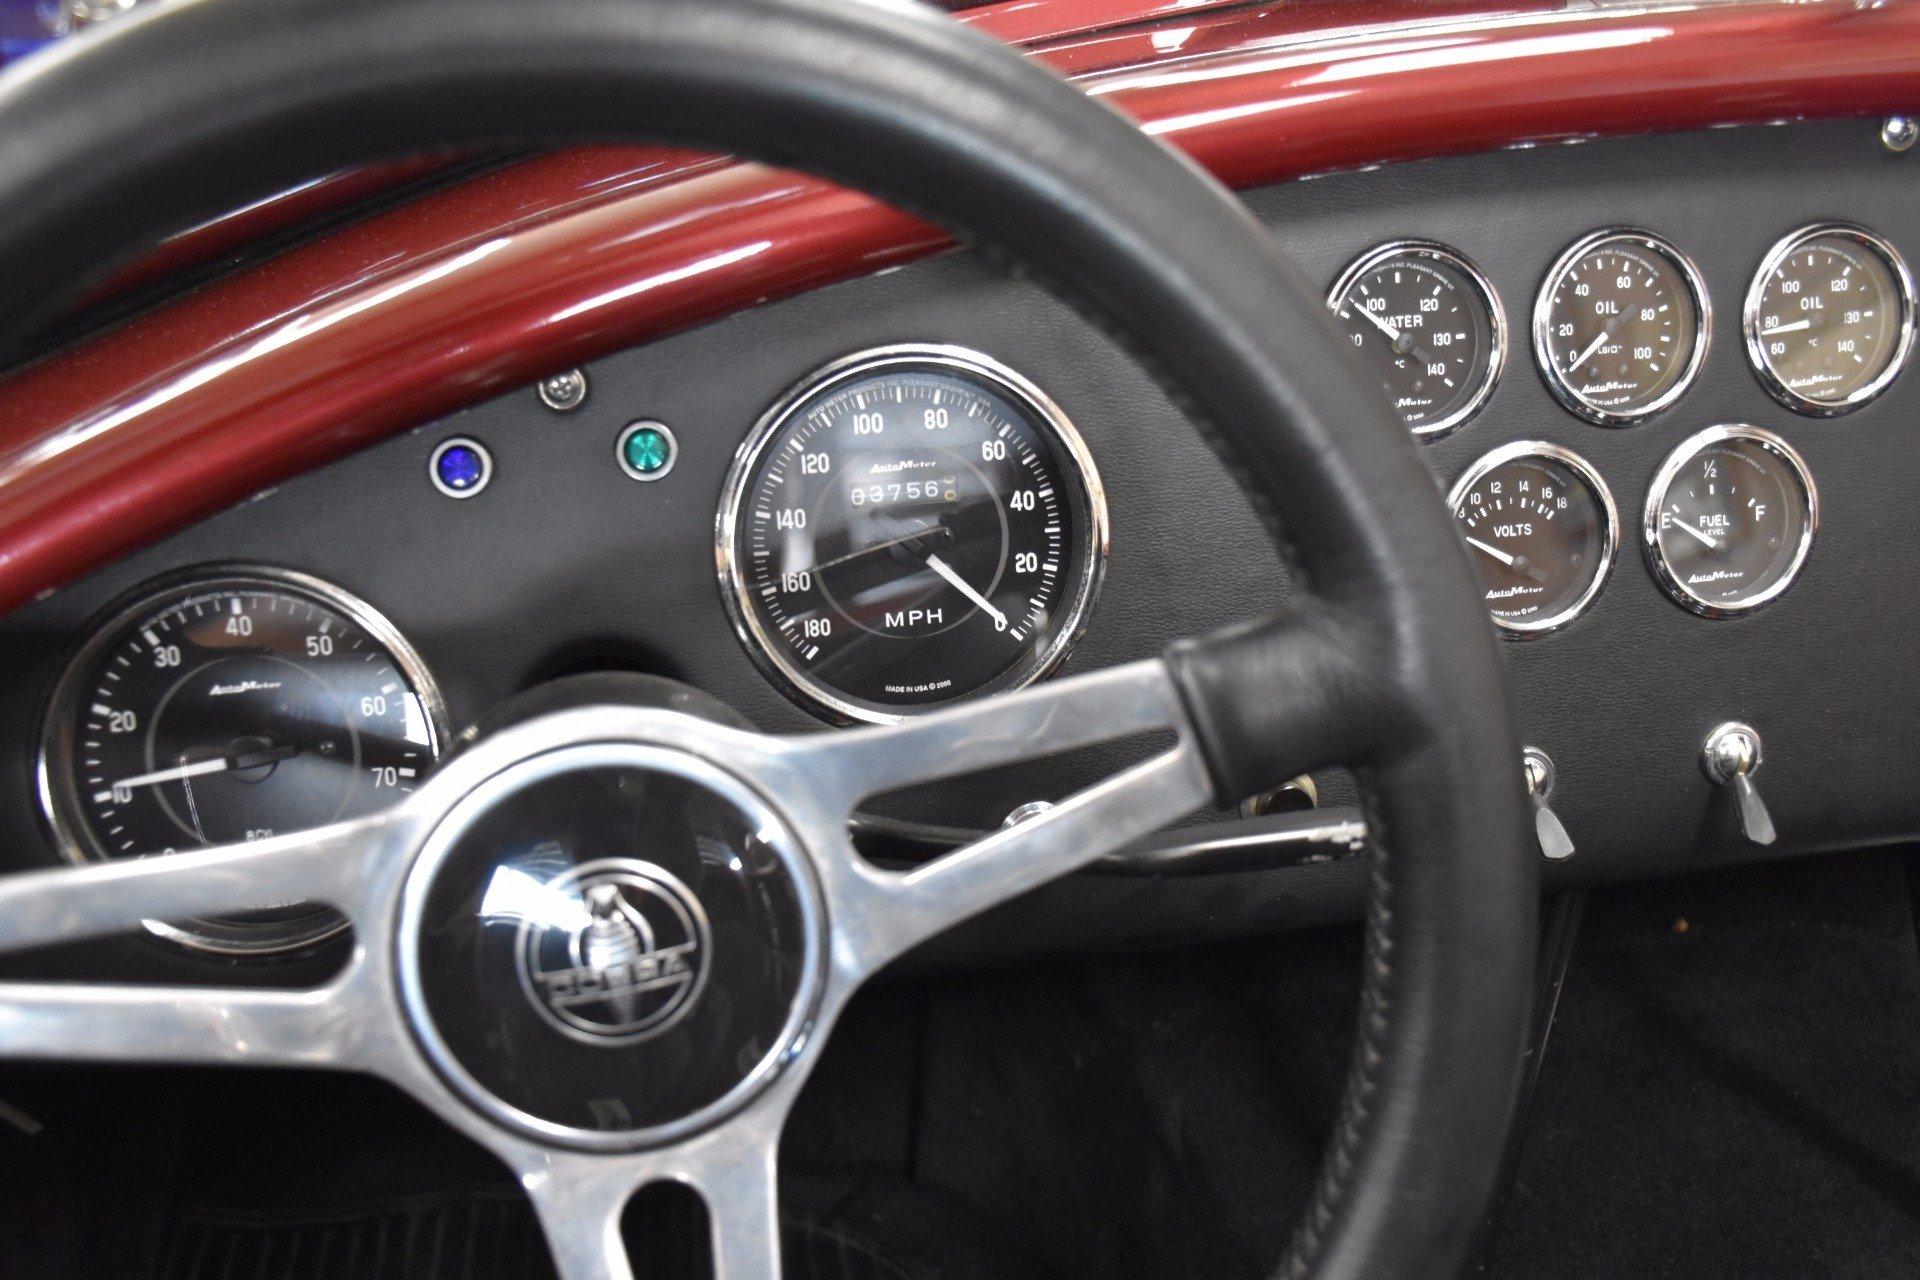 1967 Shelby Cobra E R A  for sale #103288 | MCG